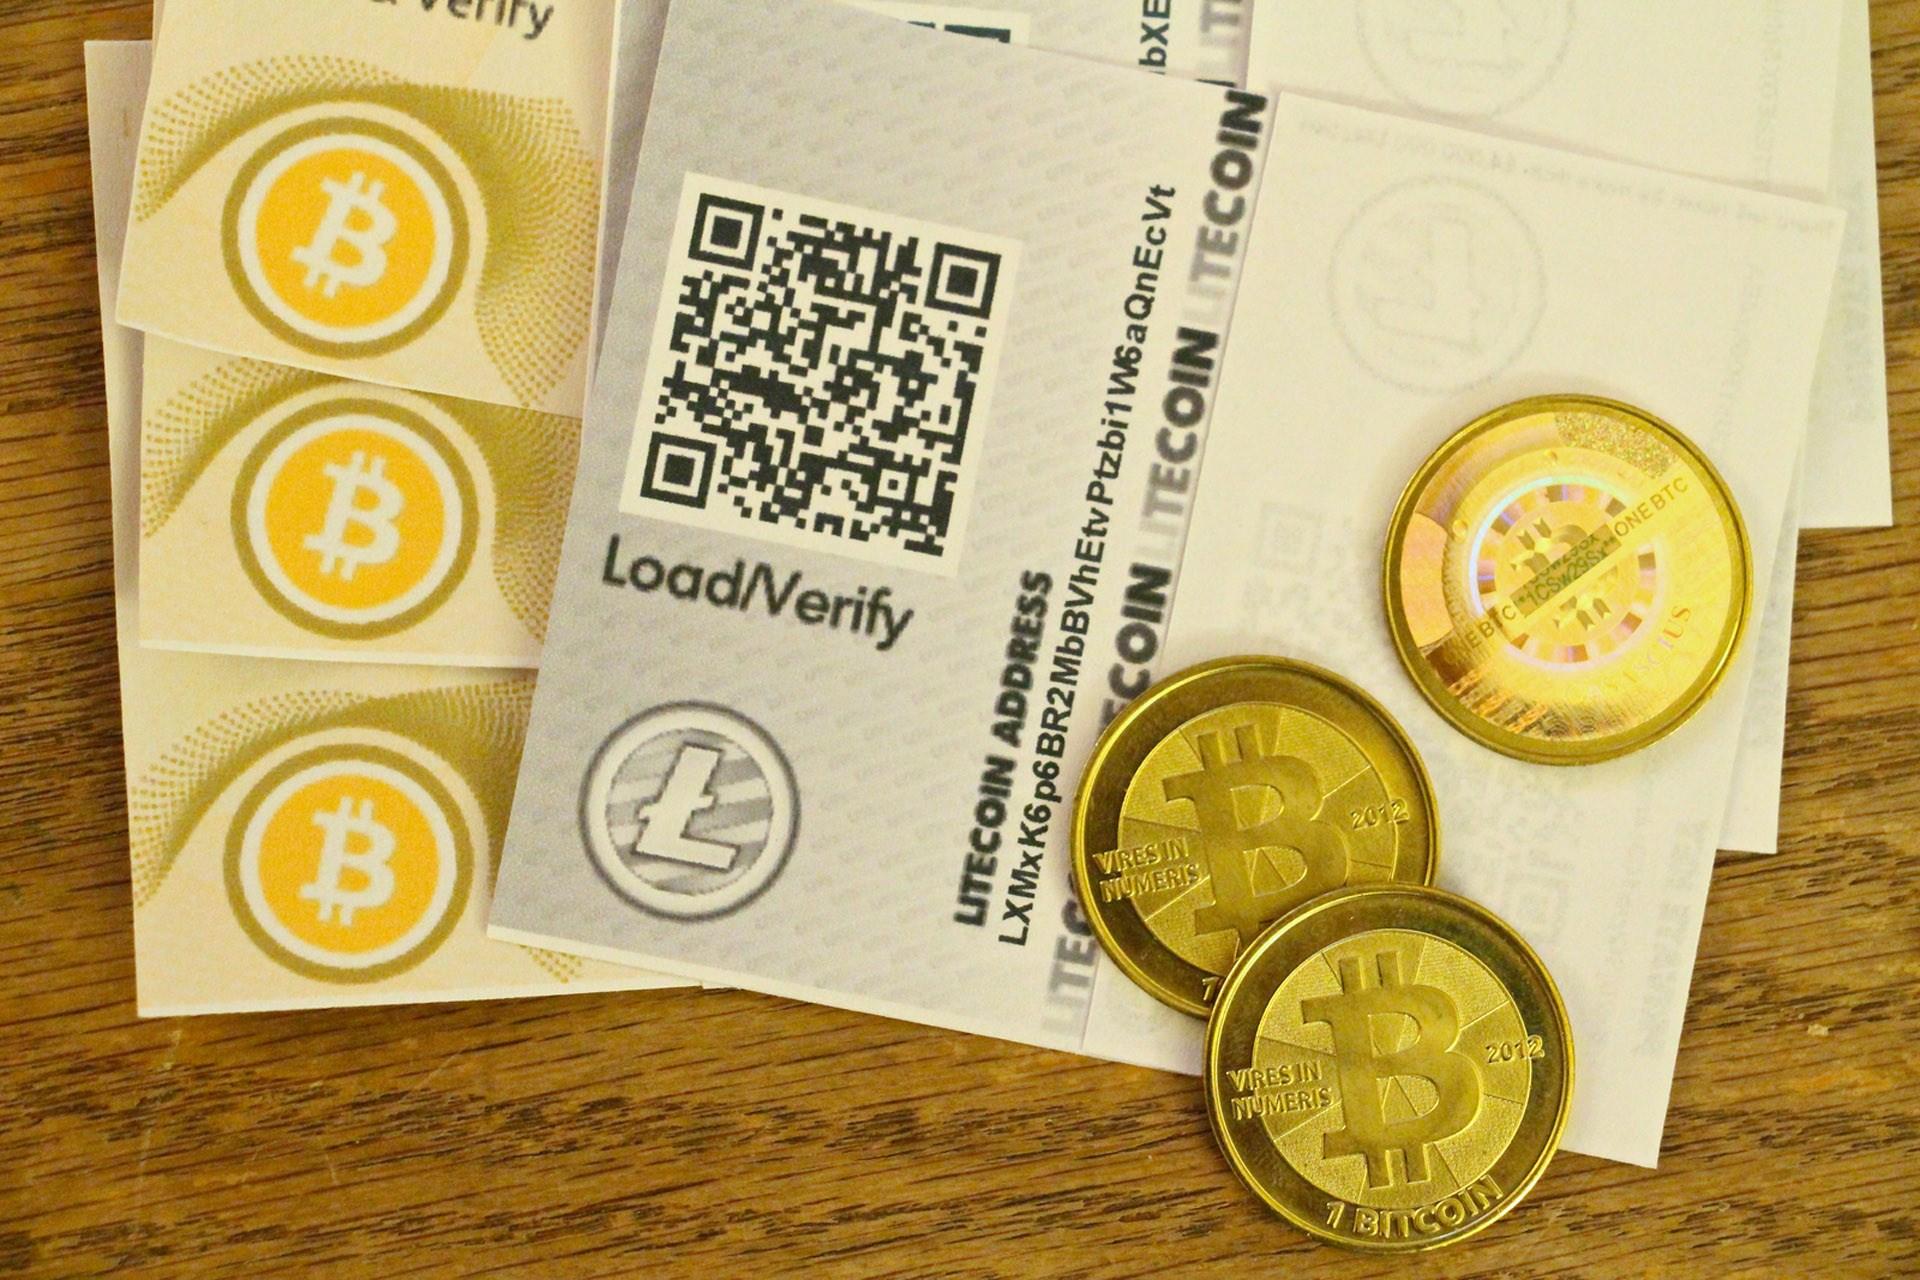 https://99bitcoins.com/wp-content/uploads/2013/05/Bitcoin_02.jpg